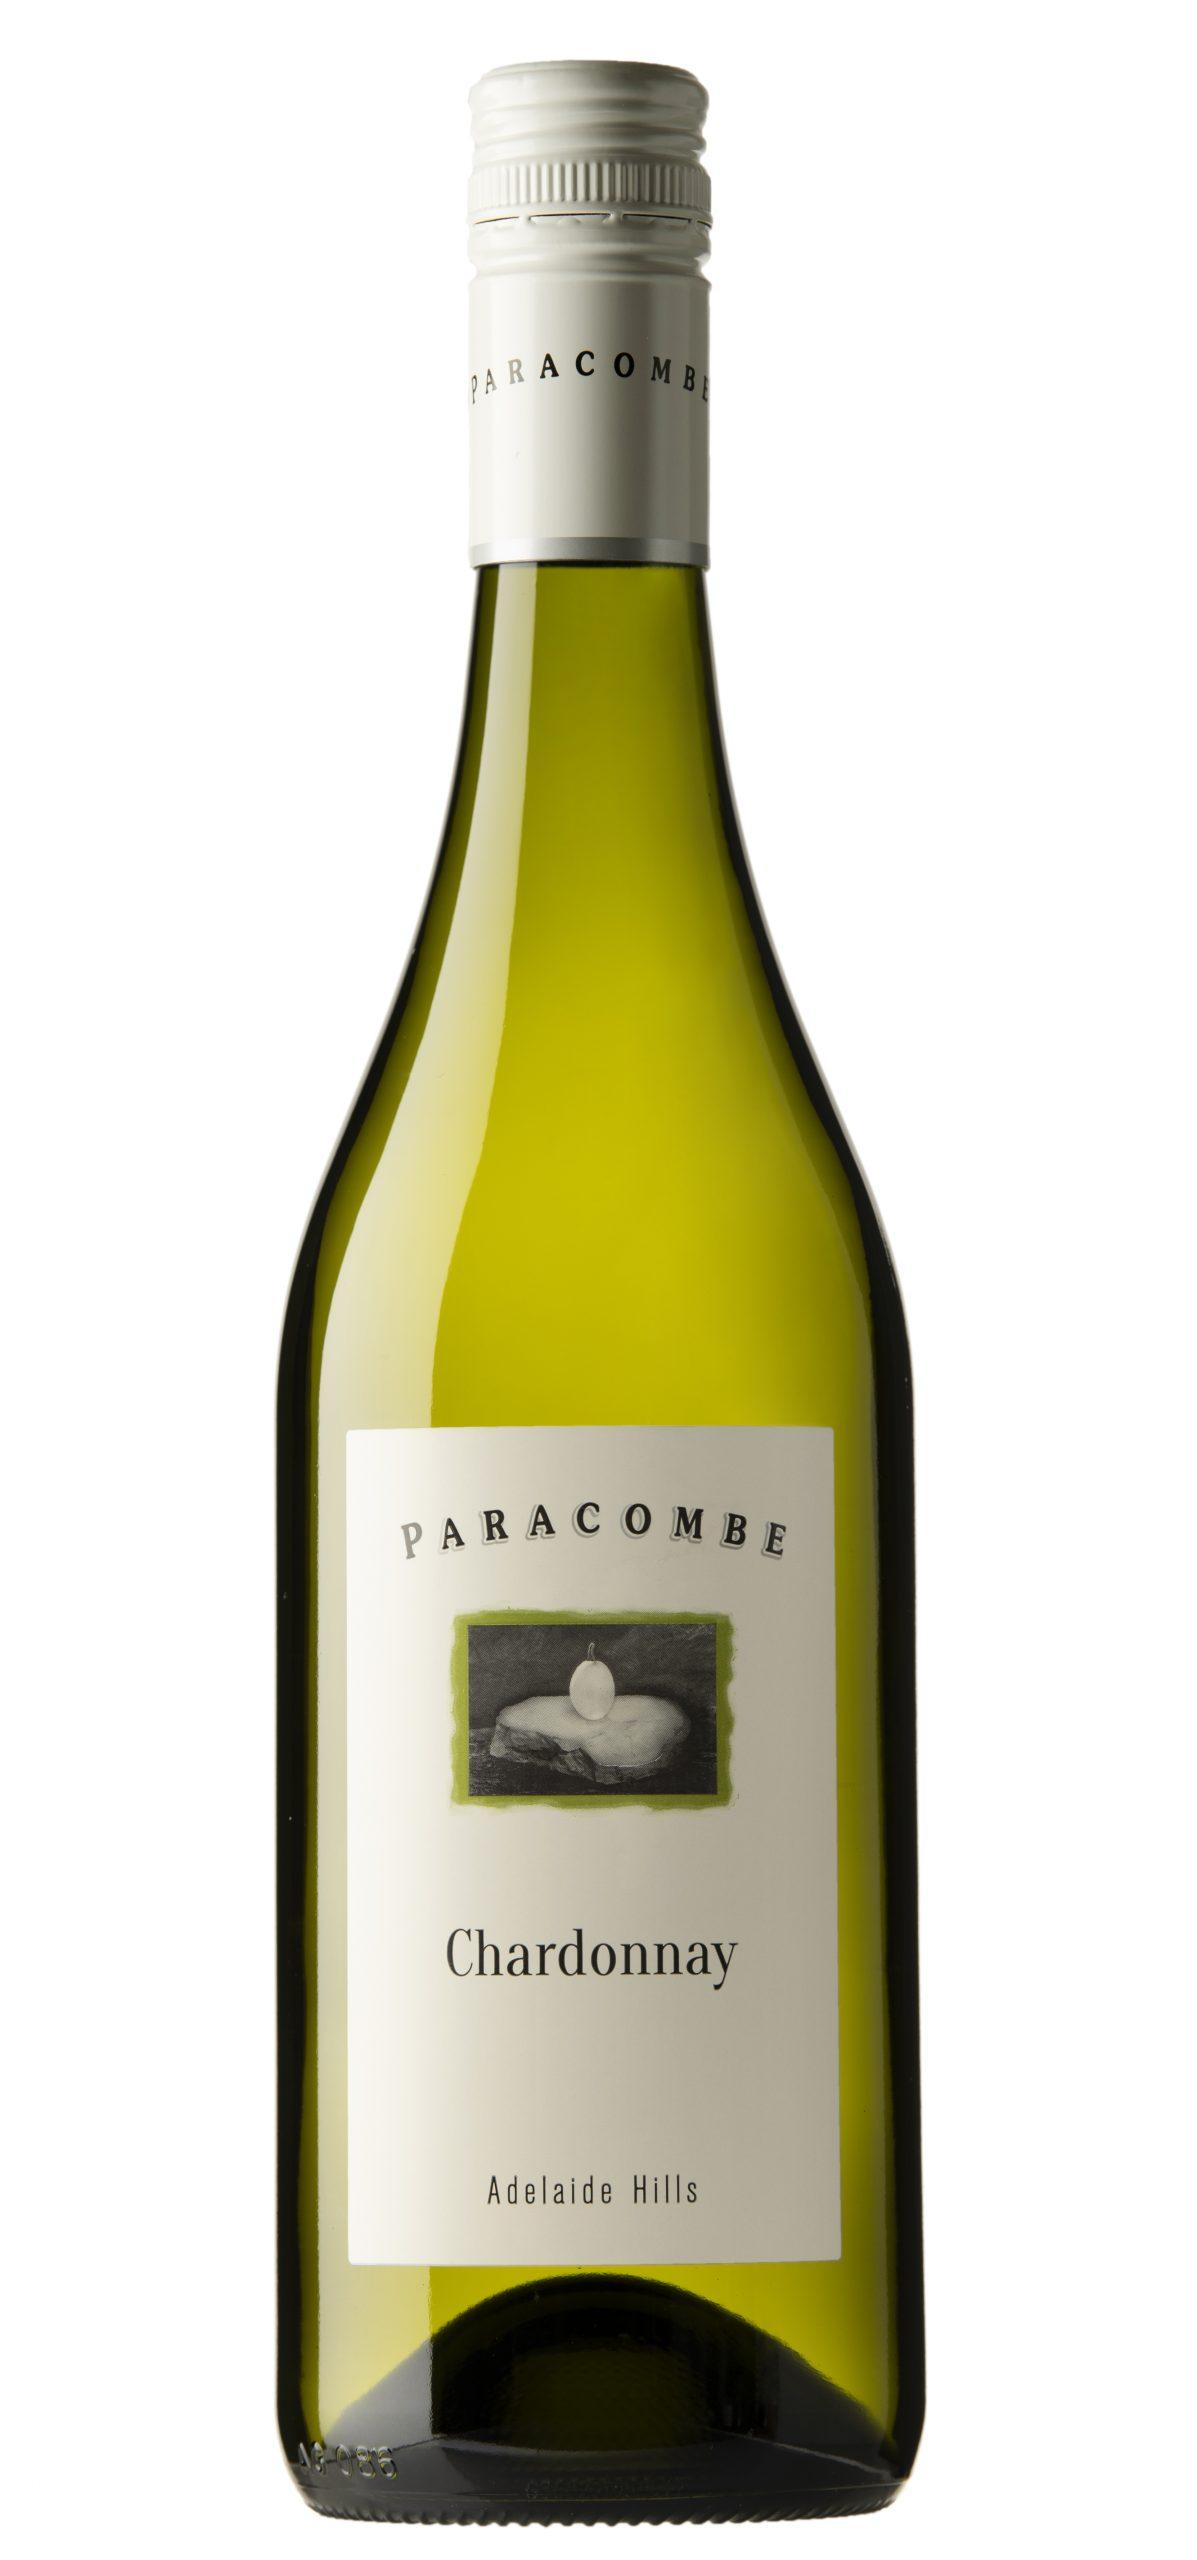 Paracombe Chardonnay NV